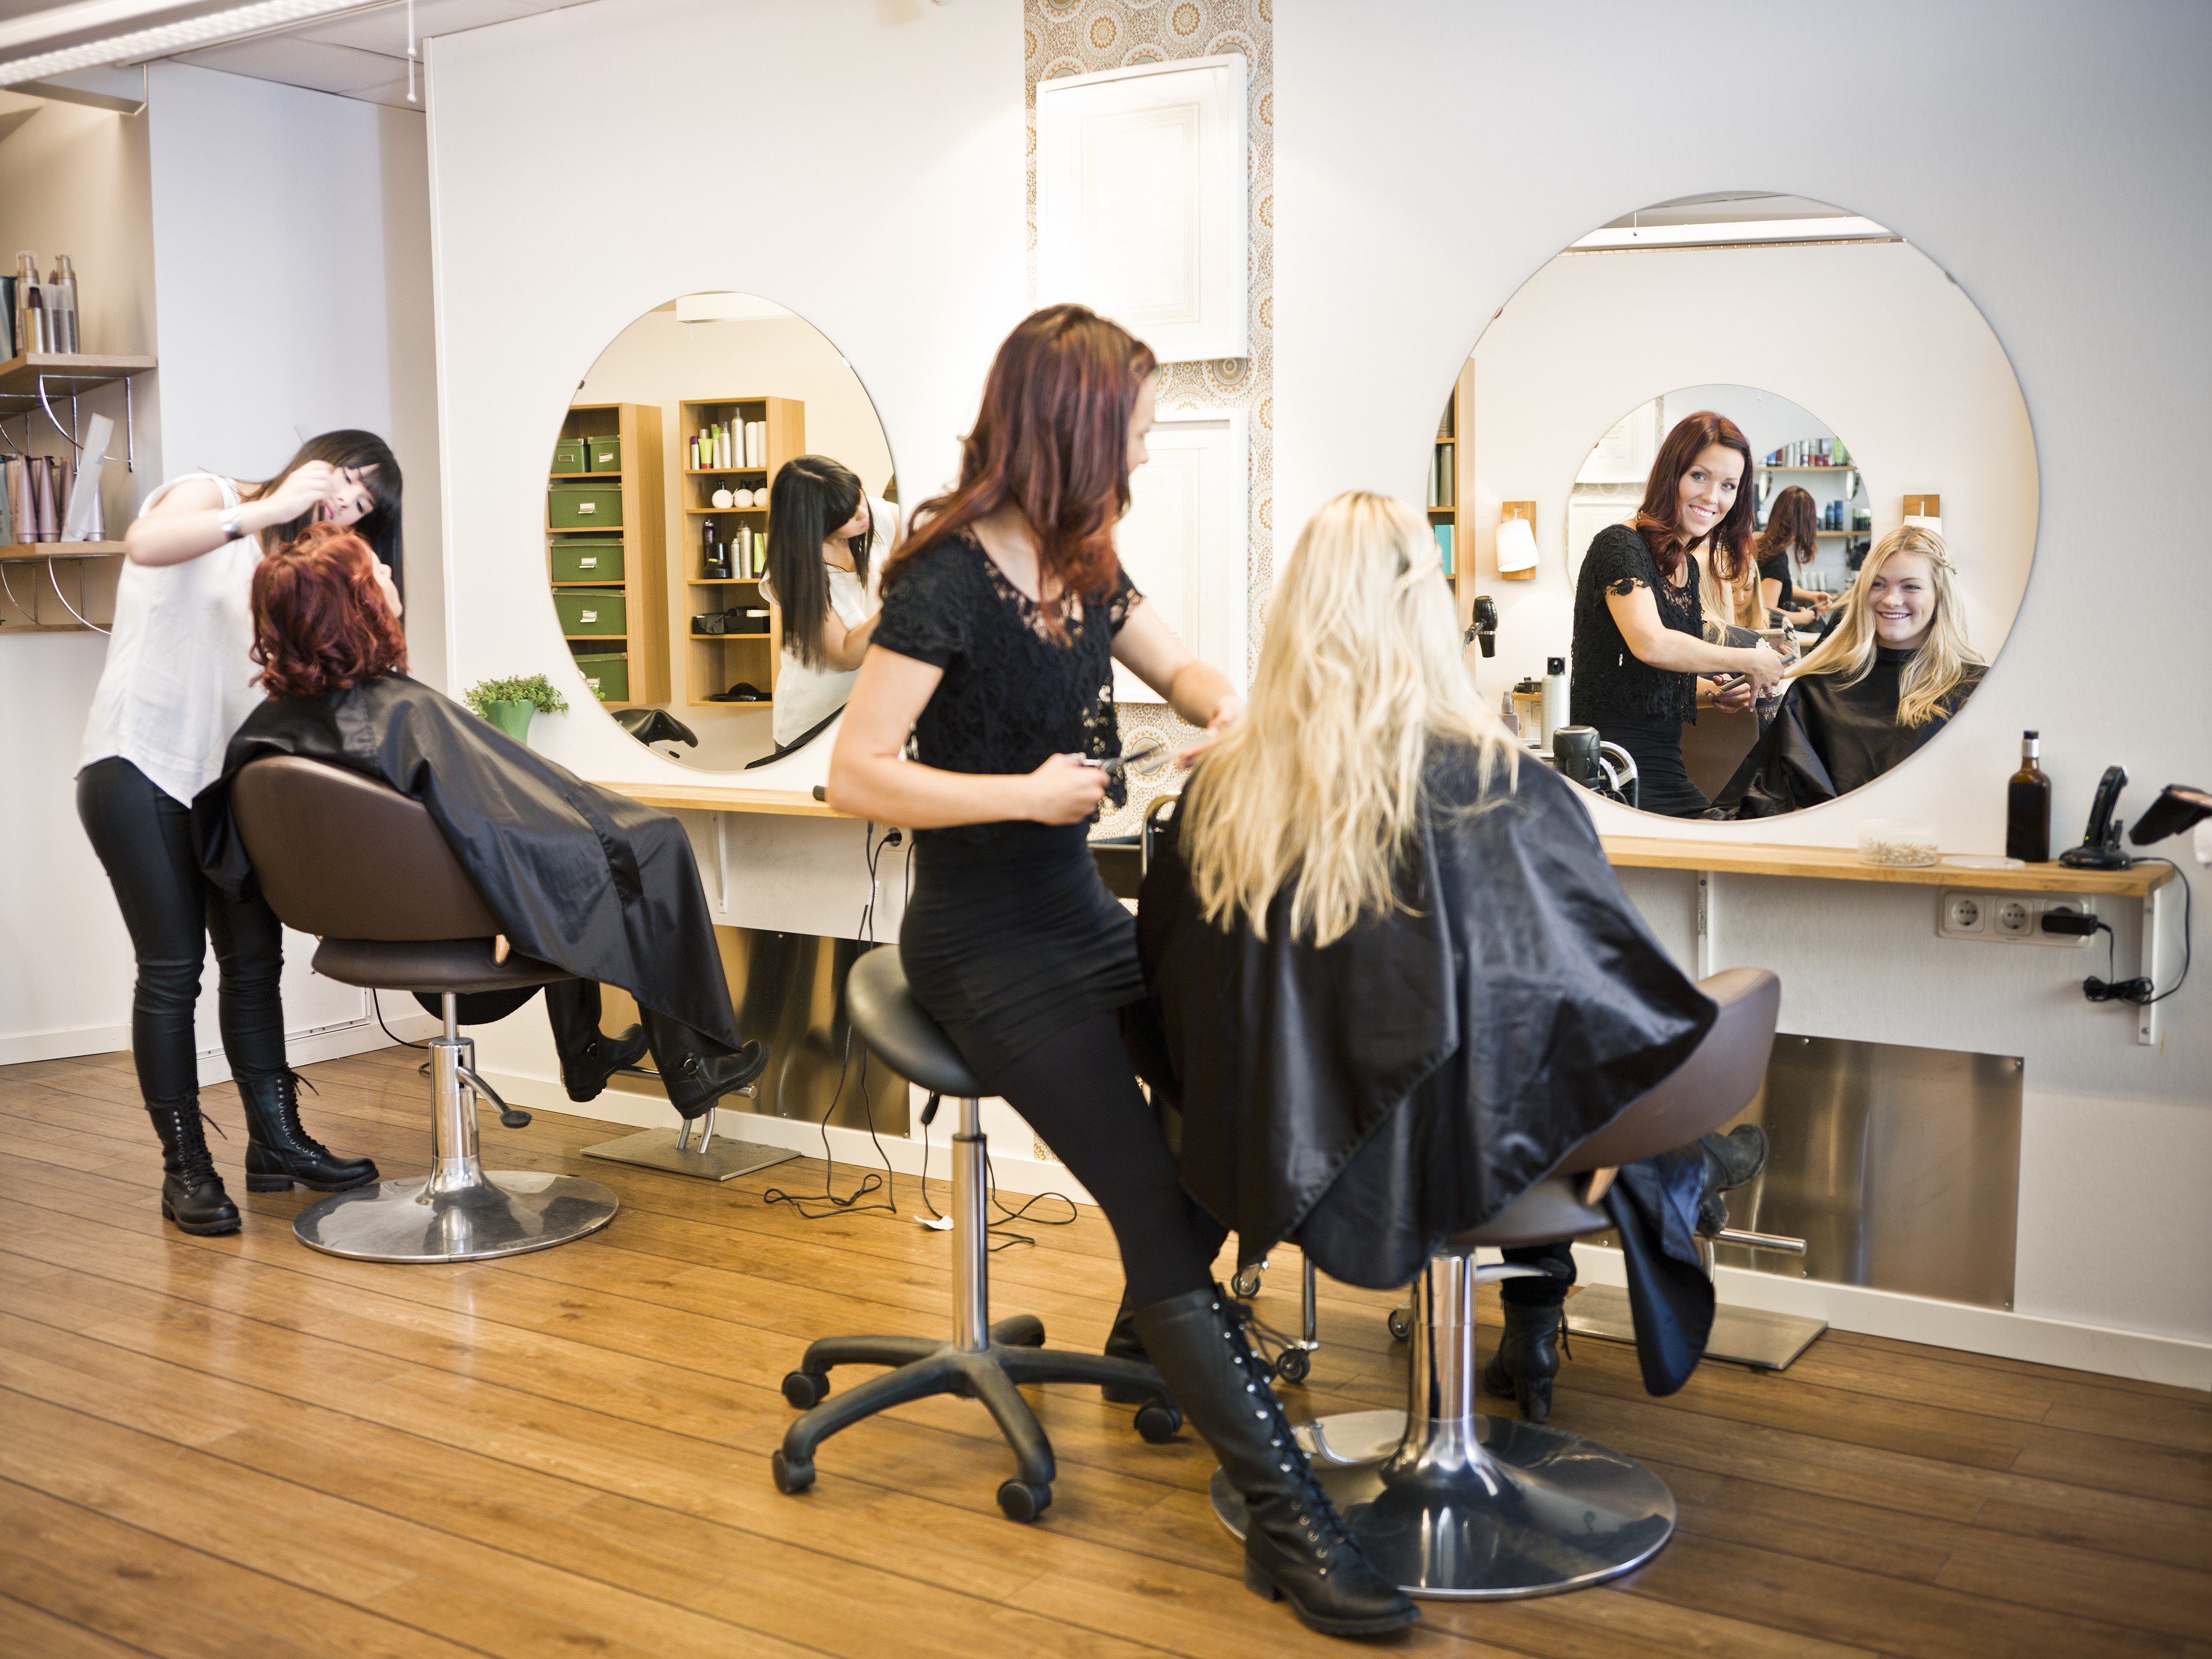 Top Bewertete Friseure In Wien Baba Bad Hair Herold At